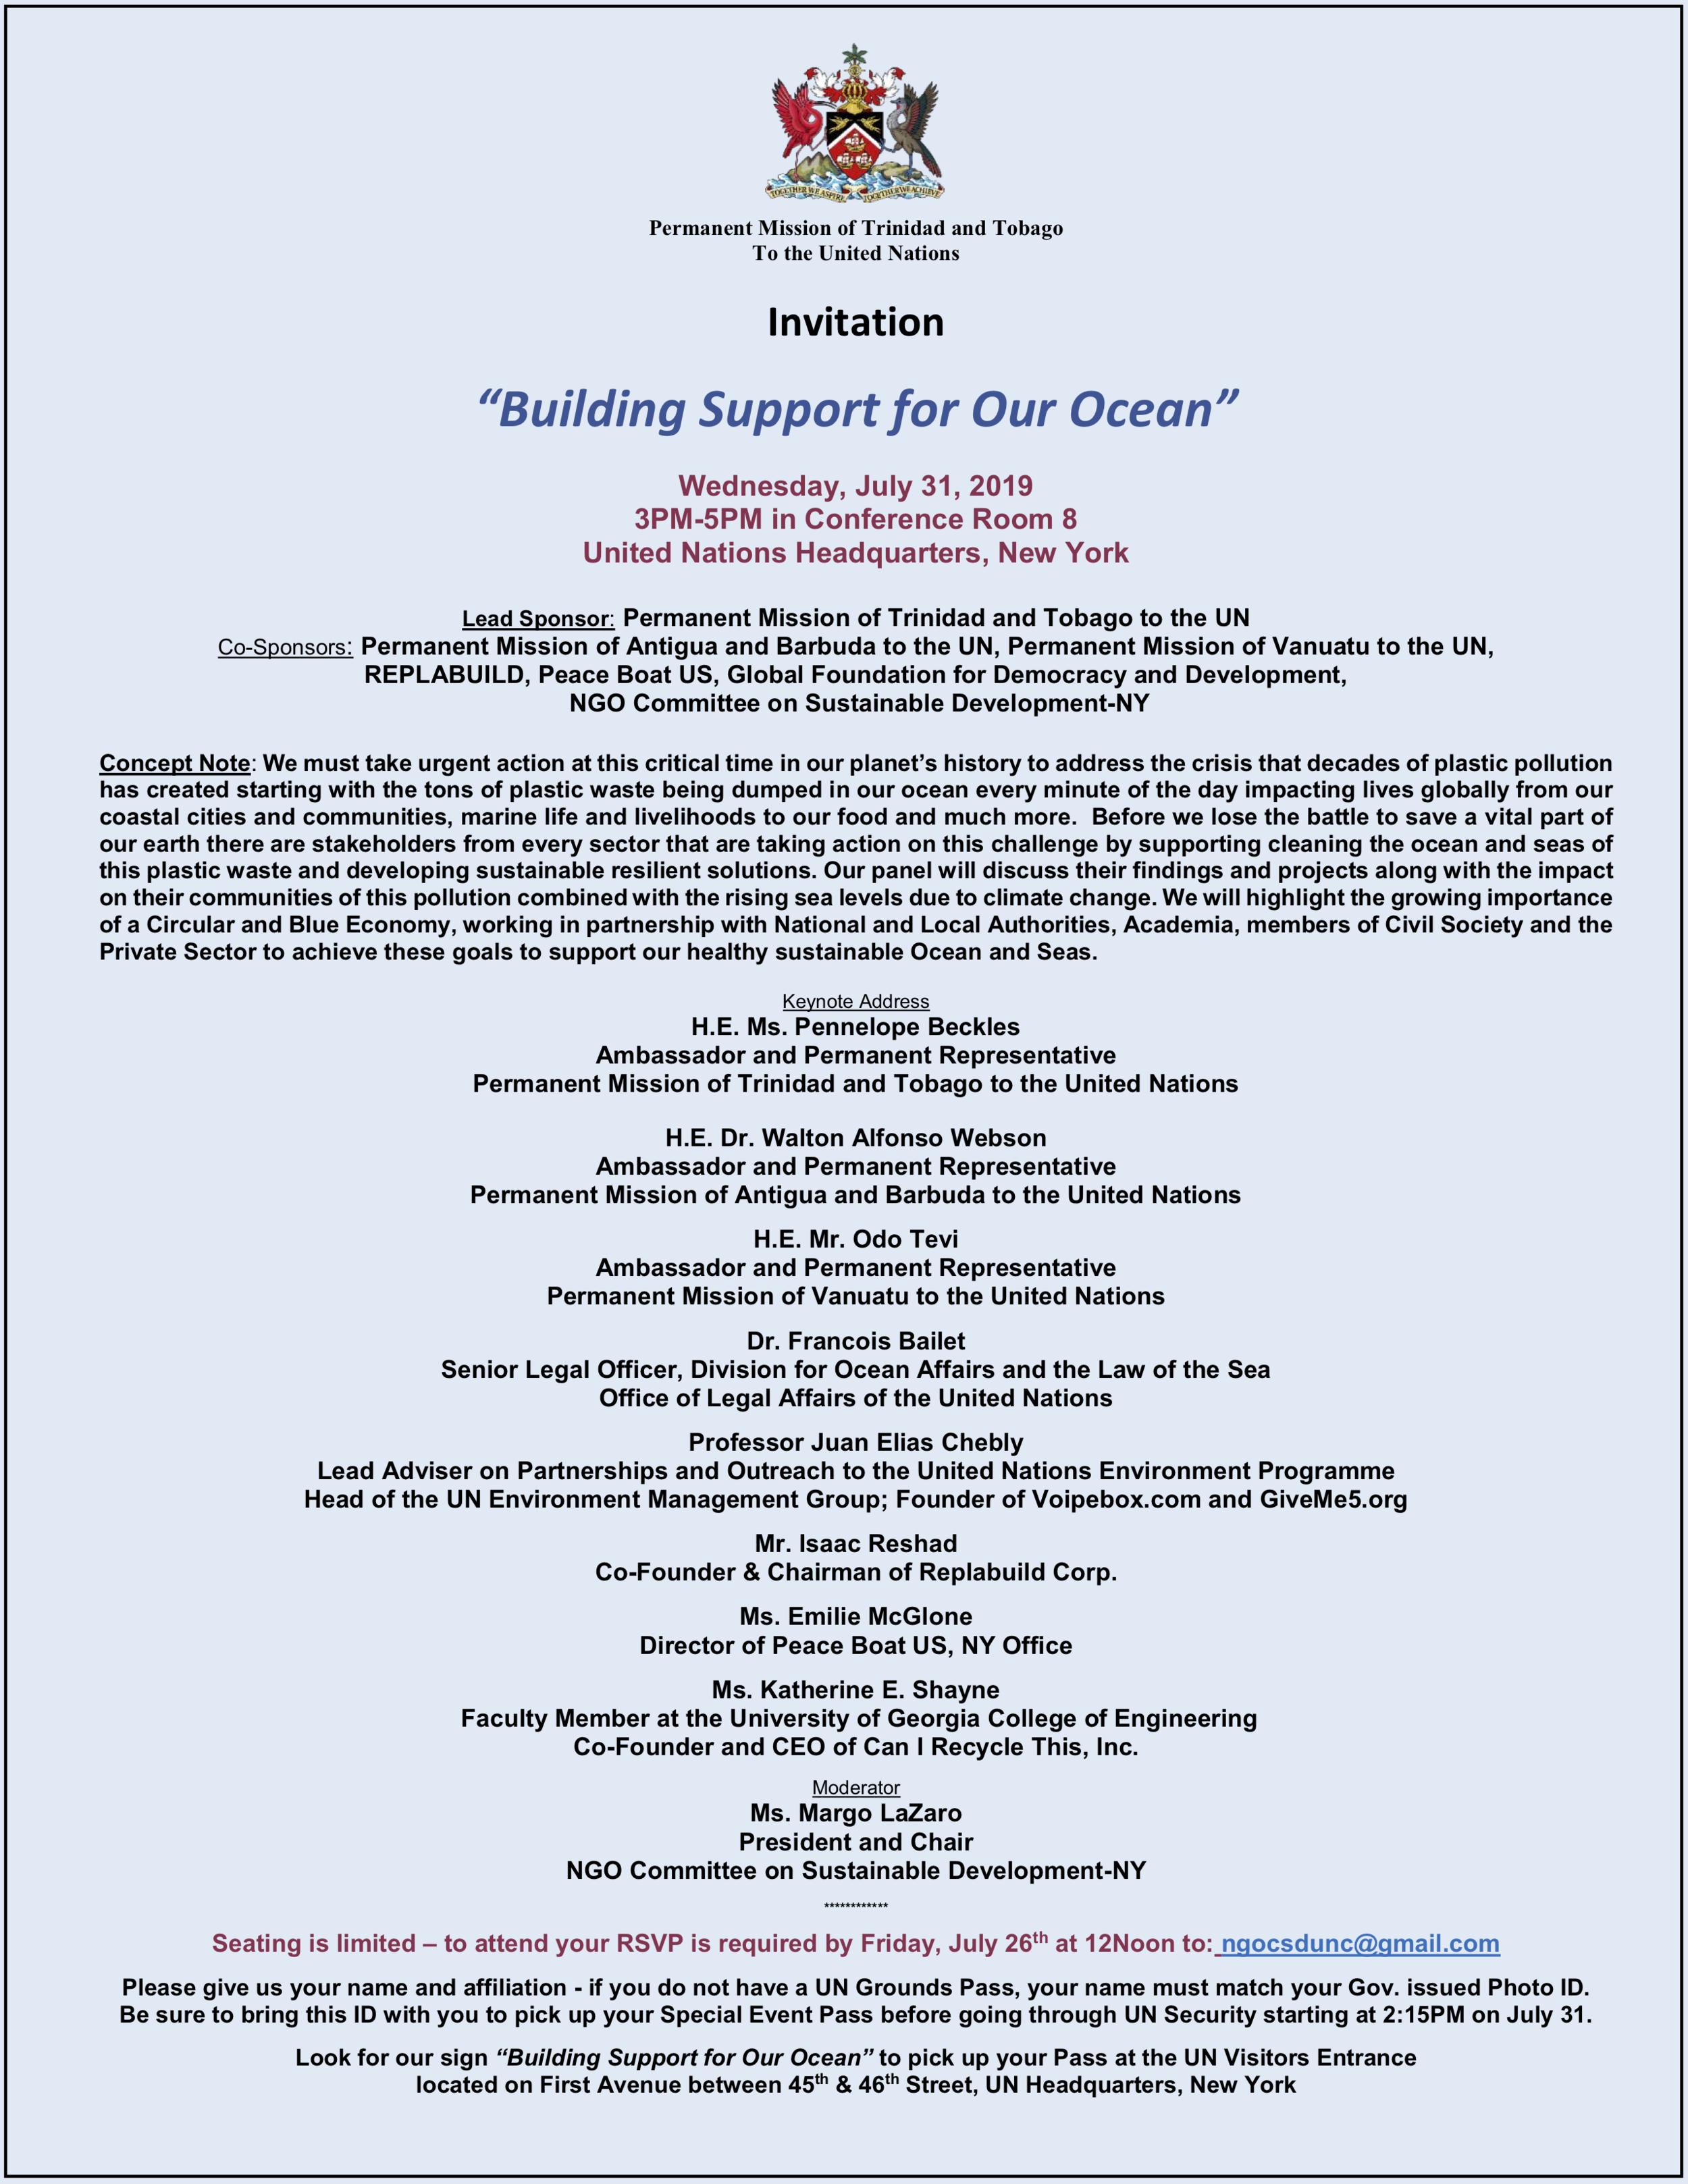 NGOCSD-NY Trinidad & Tobago 7-31-19 Invitation A4.png